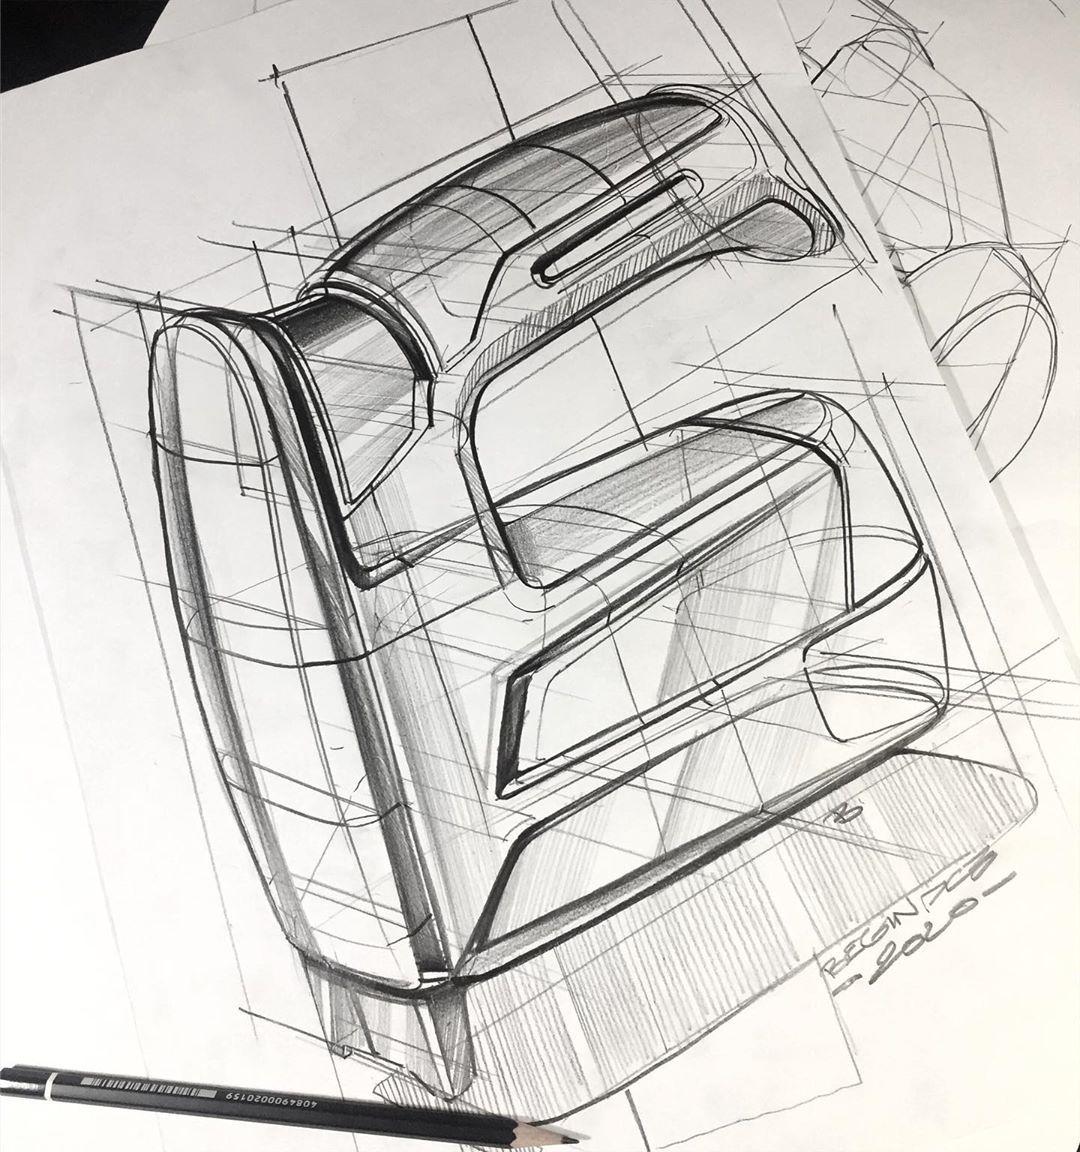 Je Vais Concevoir Le Design De Votre Produit Par Ako Design Design Agence De Design Design Industriel